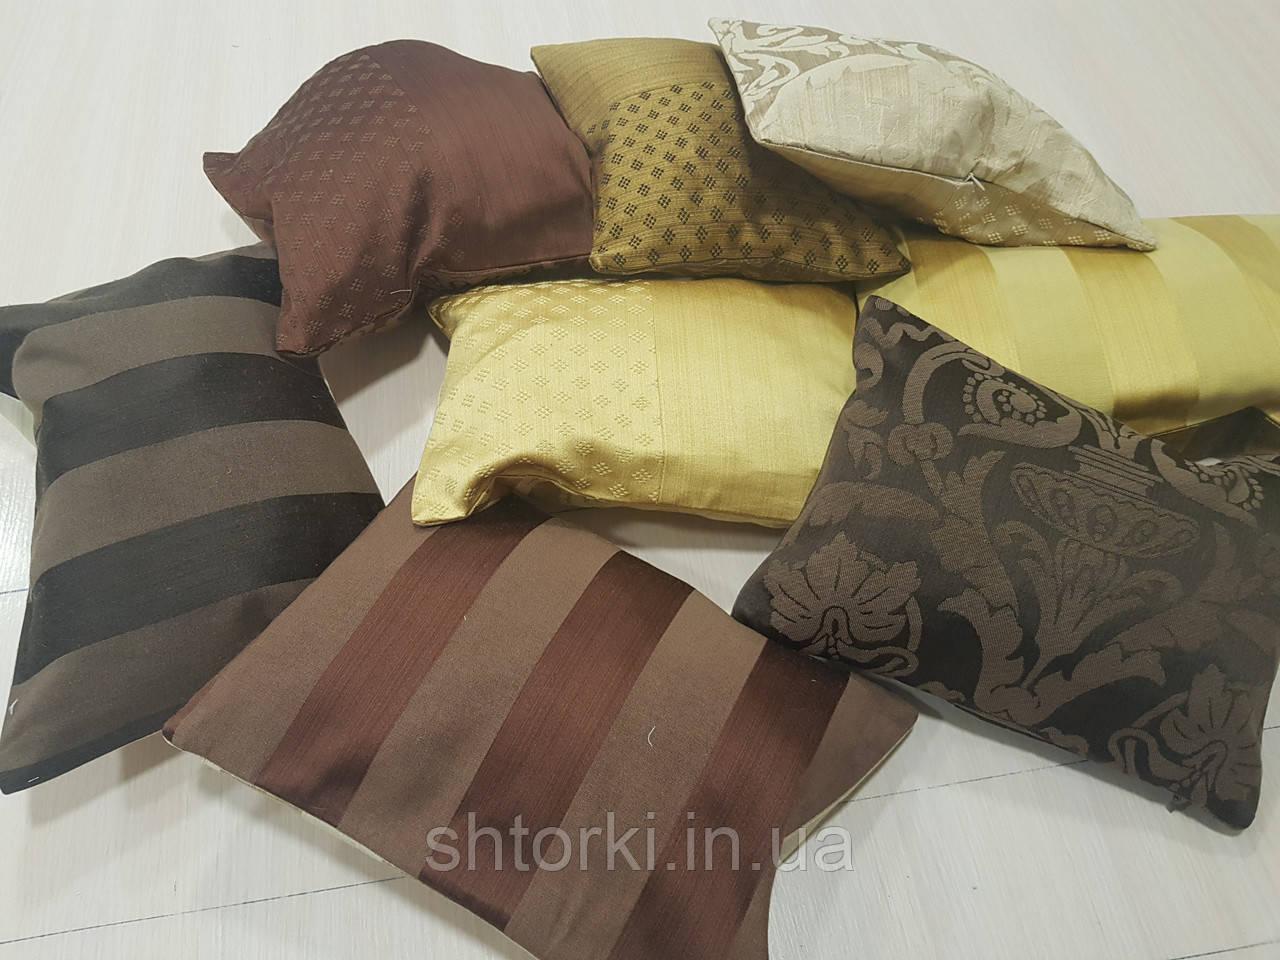 Комплект подушек золото, шоколад, коричневые 8шт